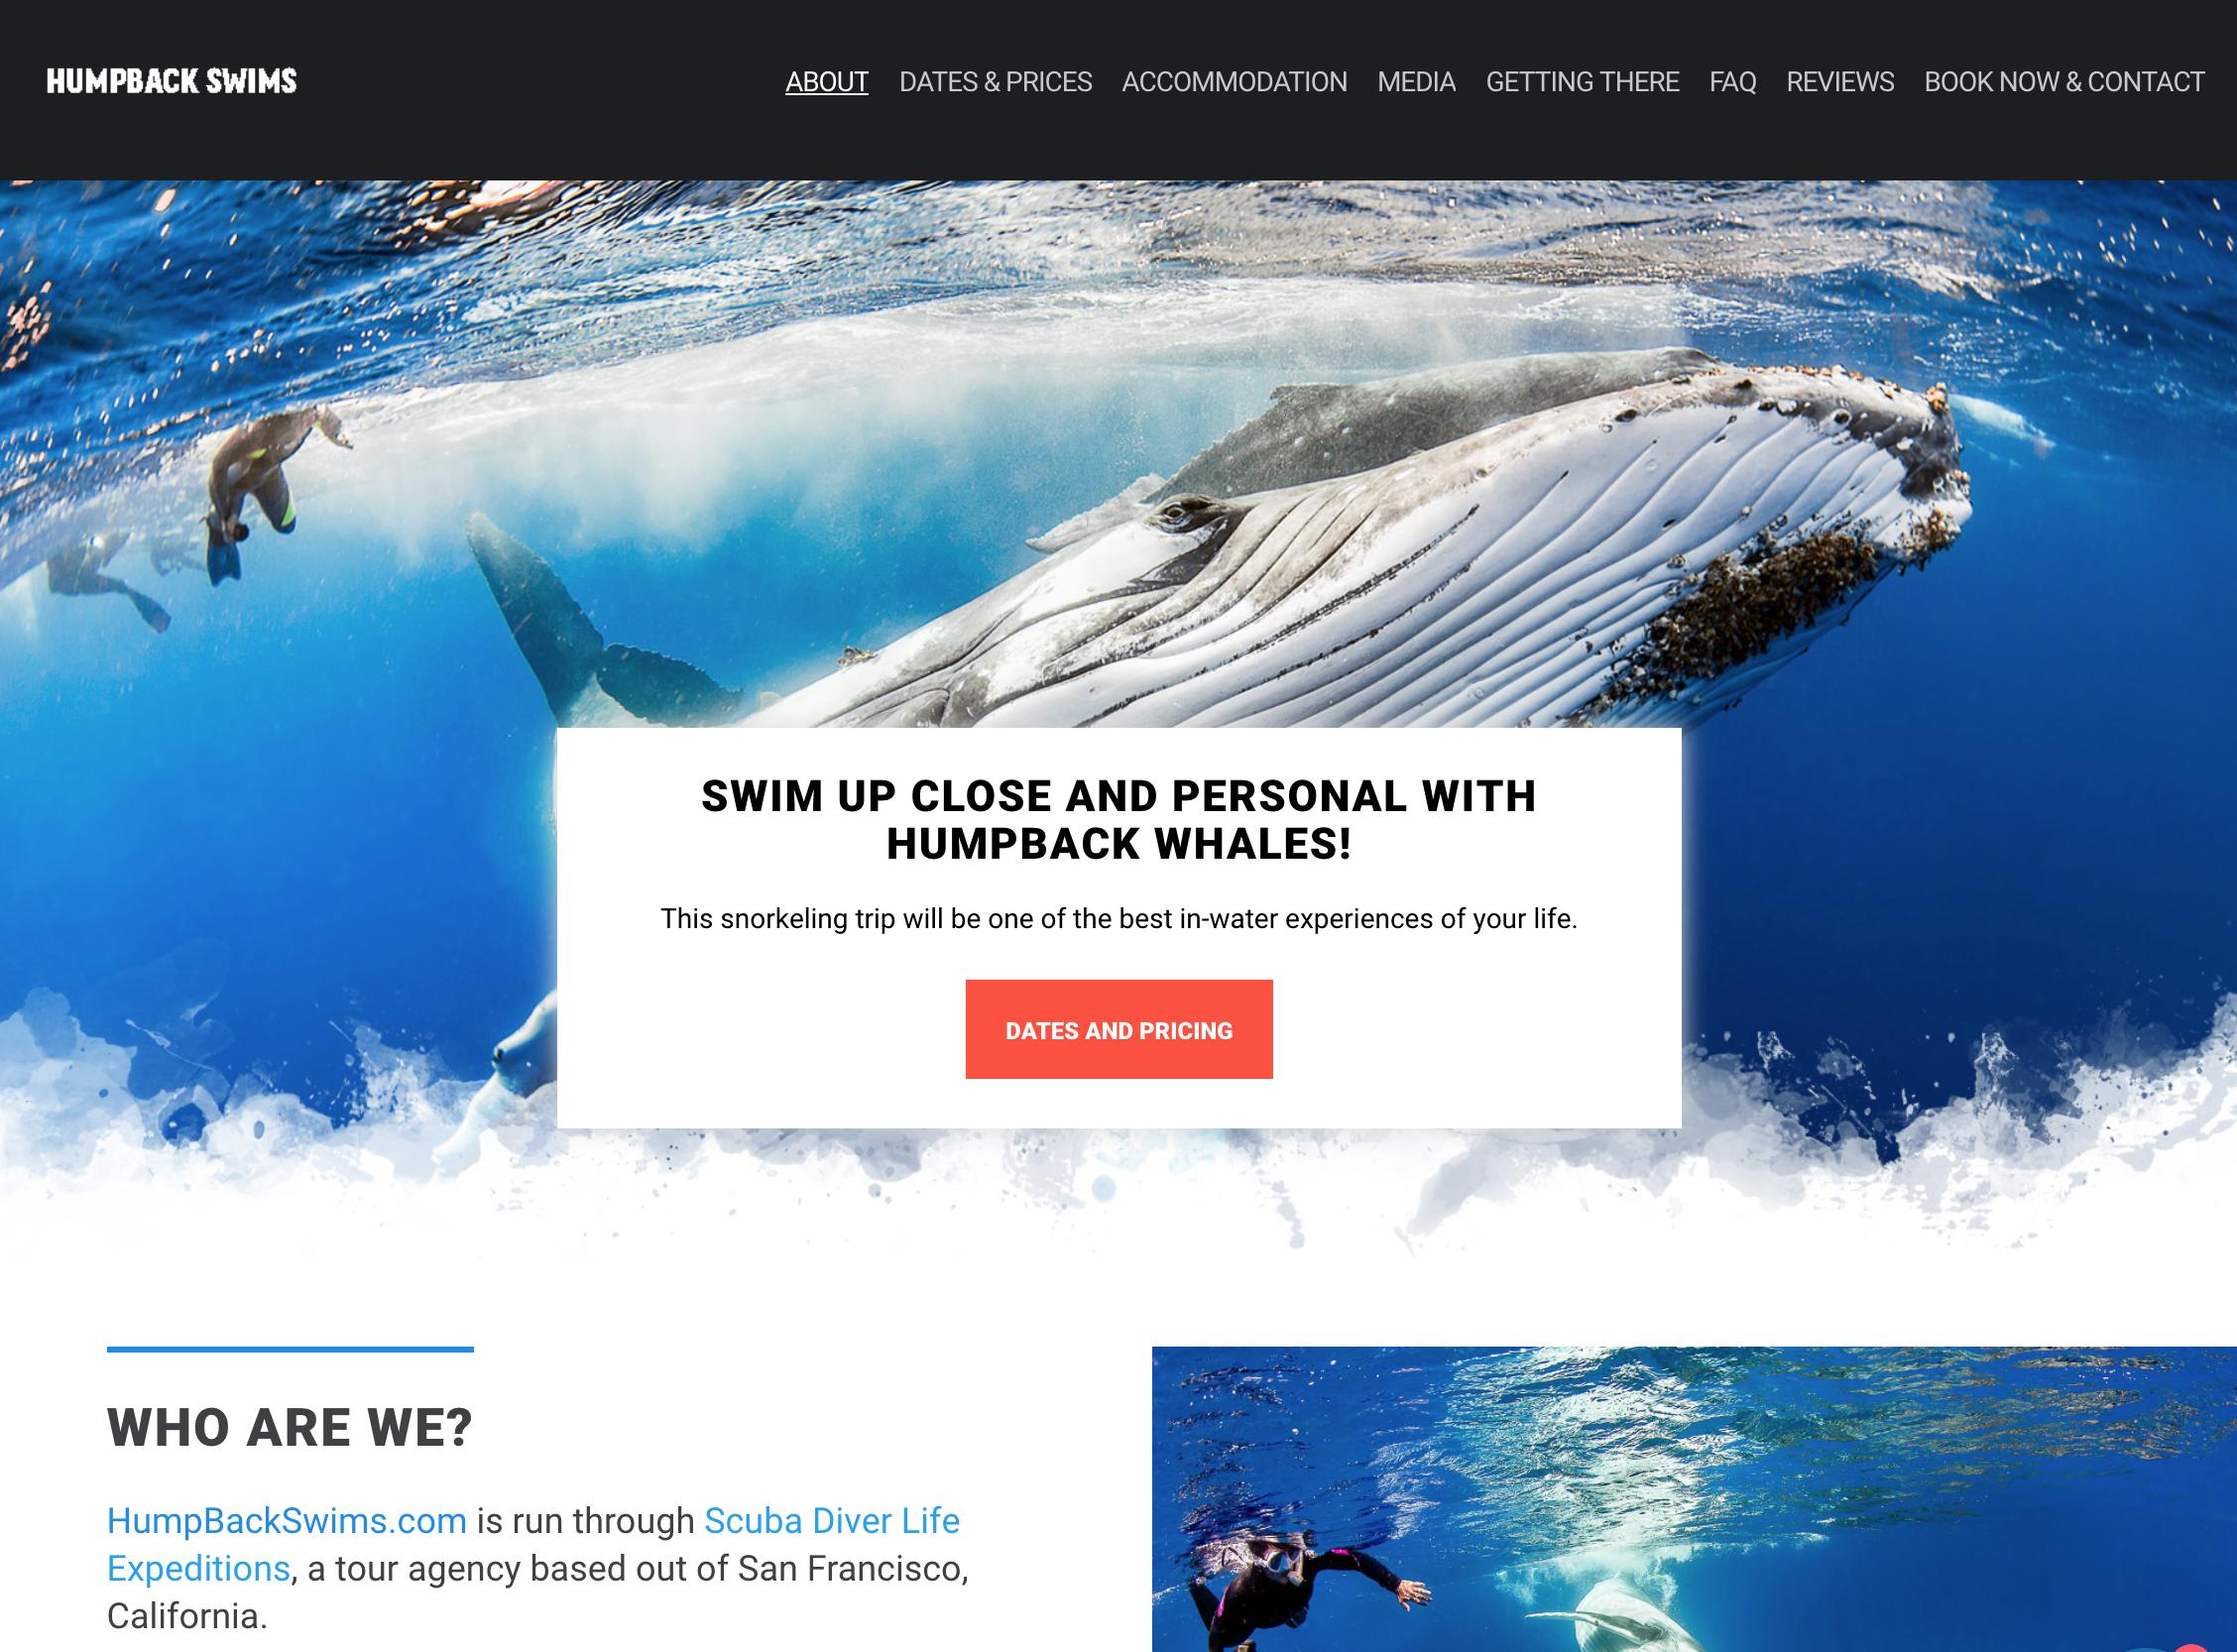 Humpback Swims